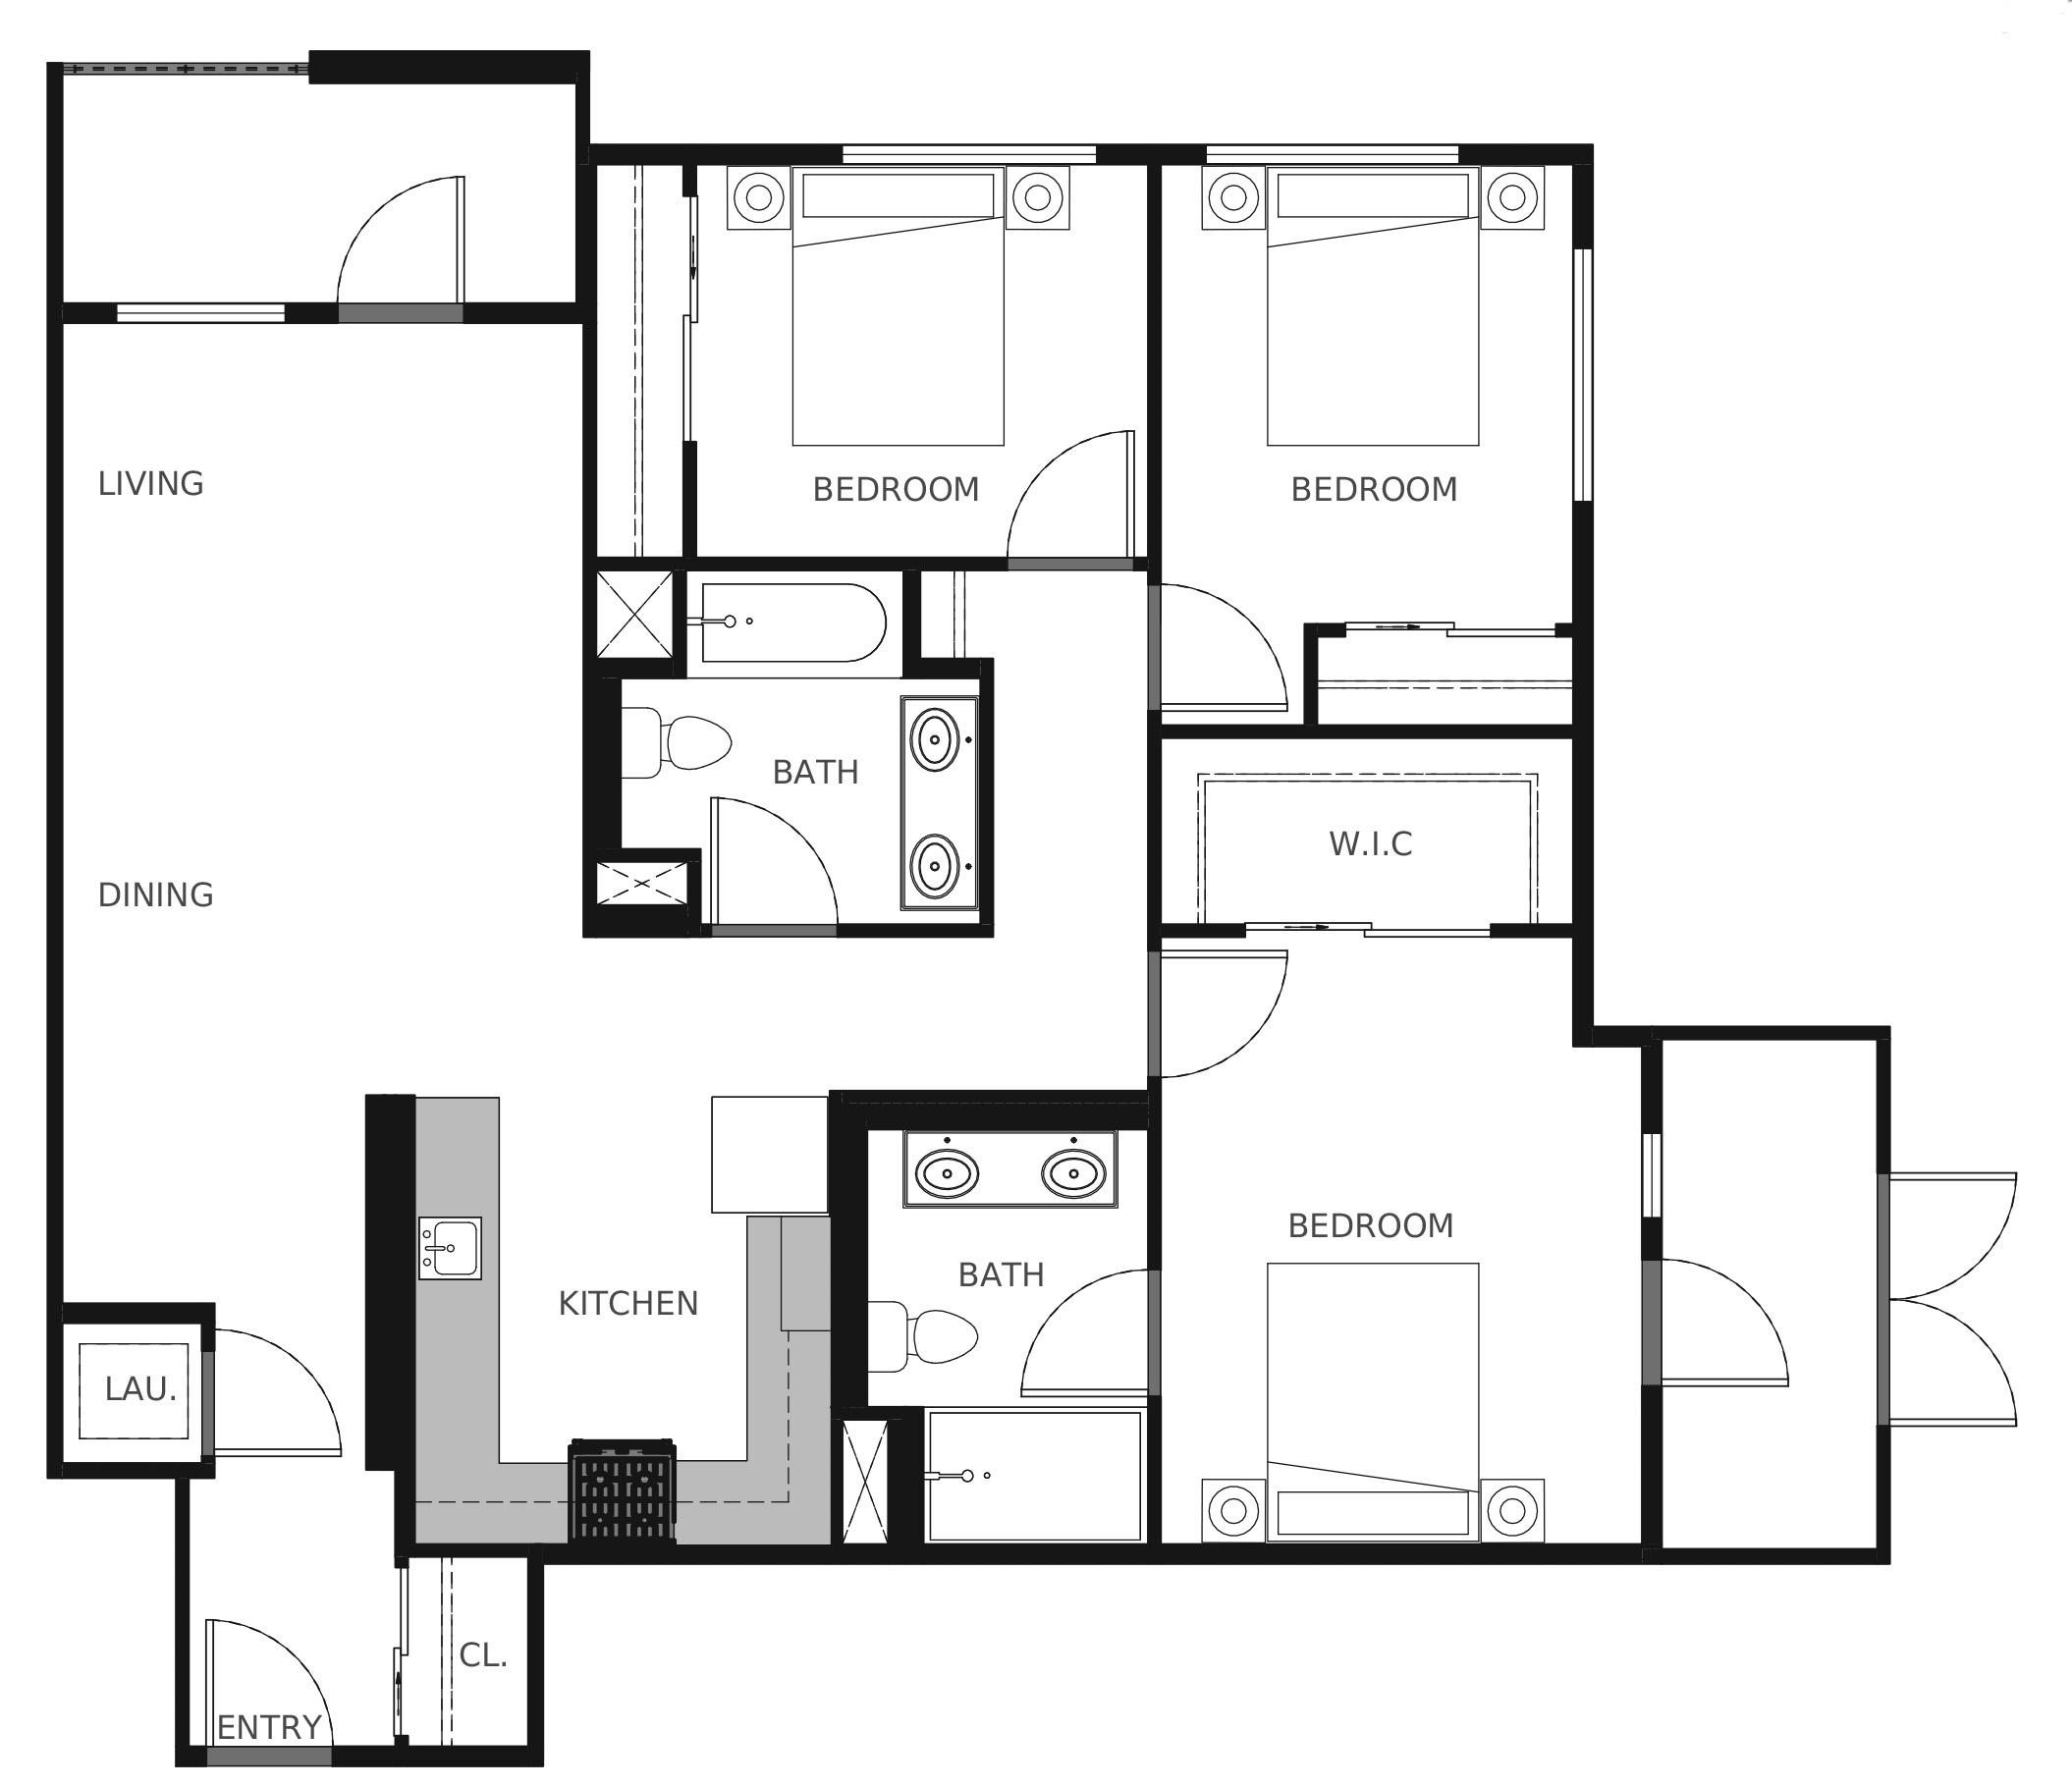 Plan C2 - 1,154 sq. ft.